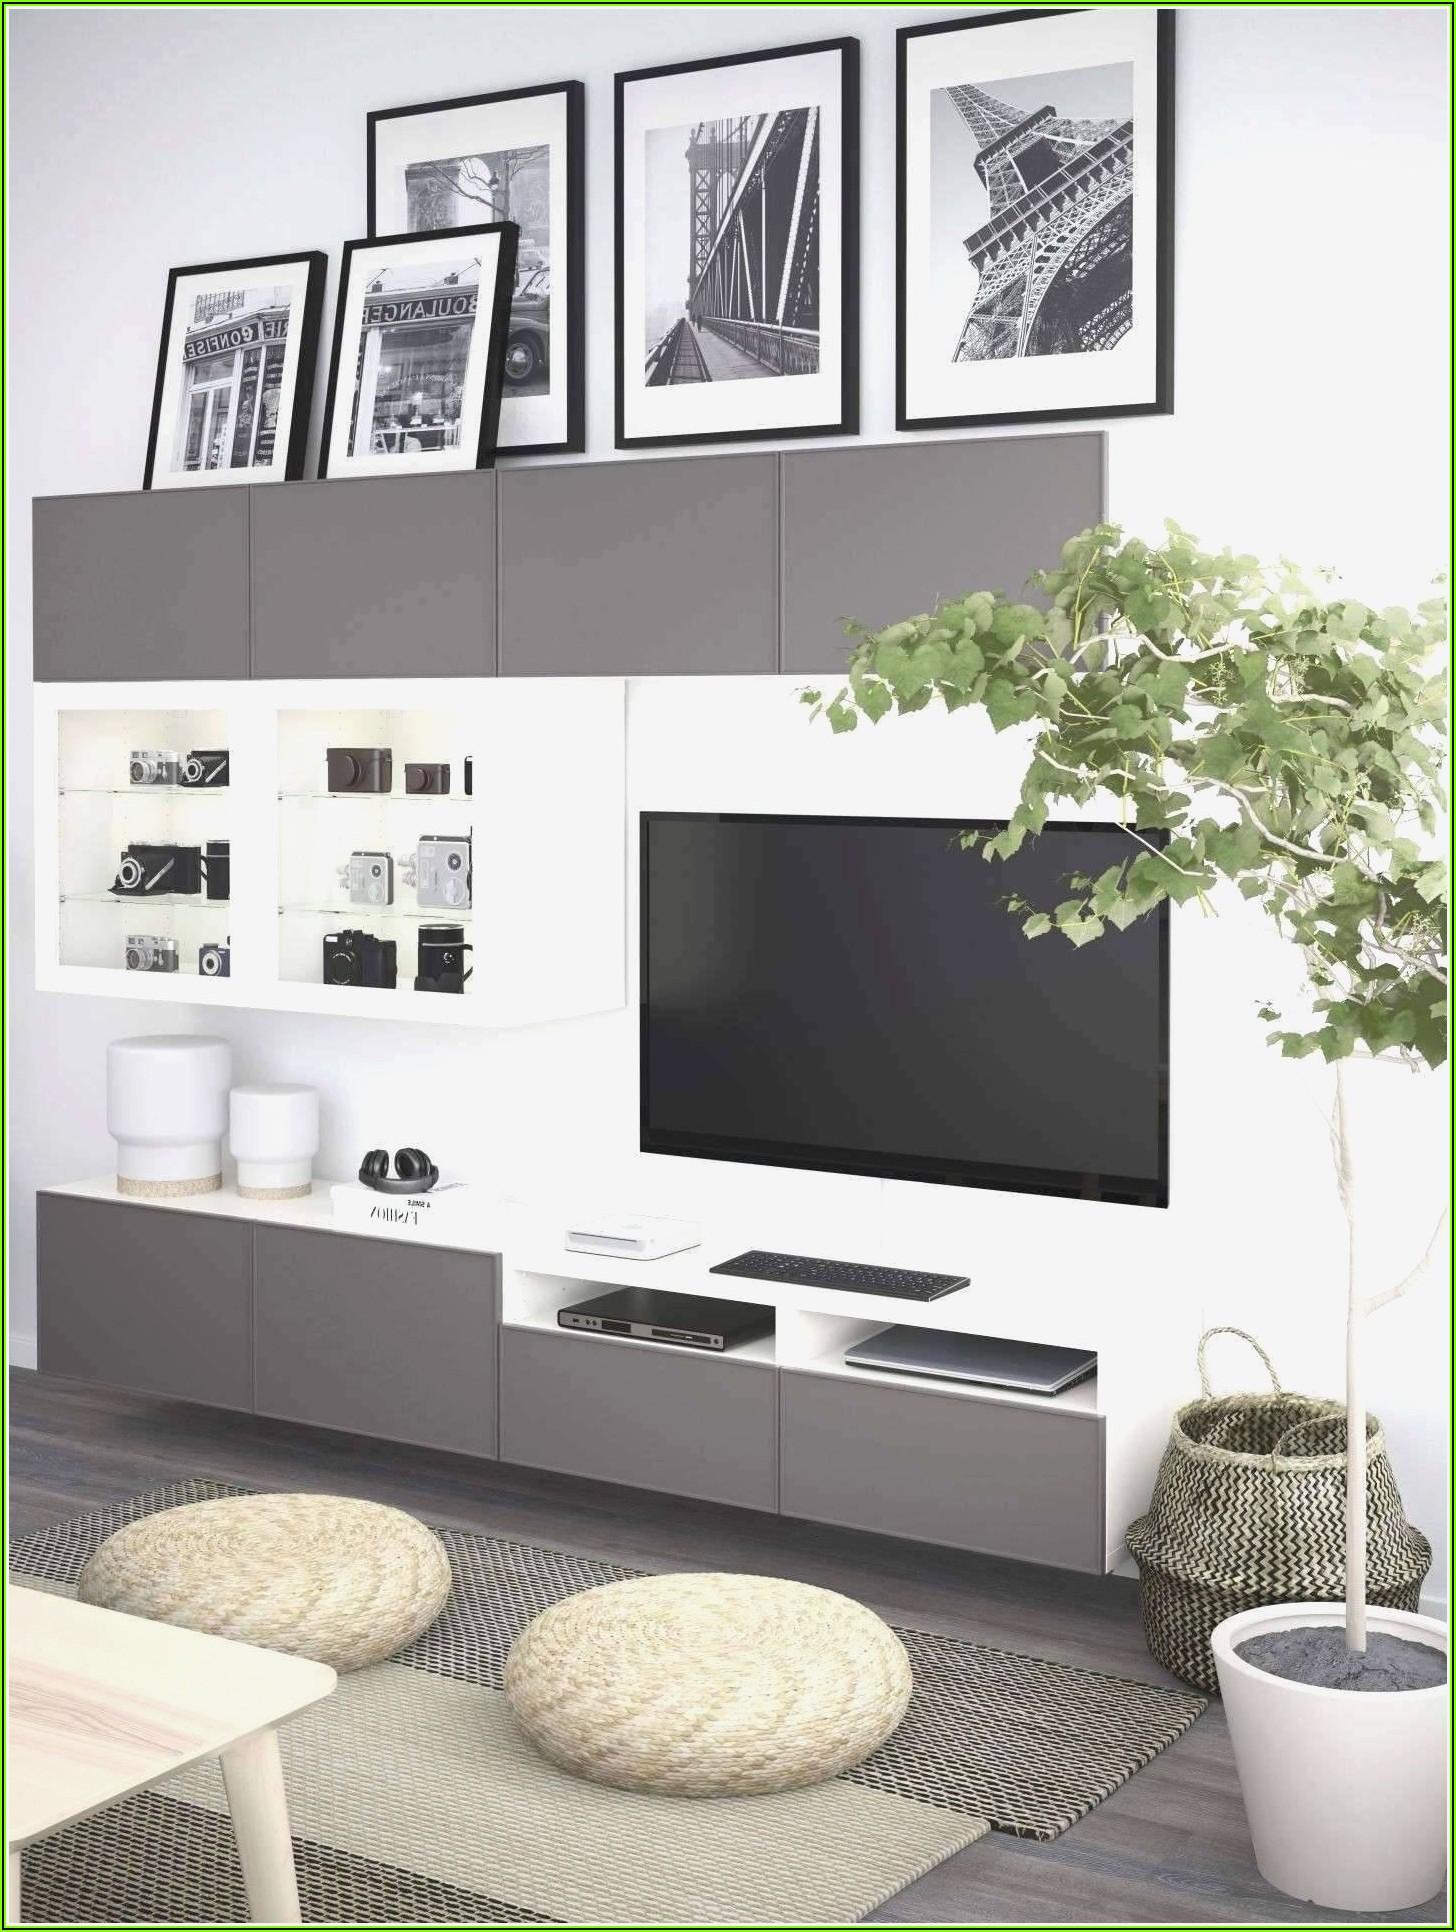 Inspiration Schlafzimmer Deko Ikea